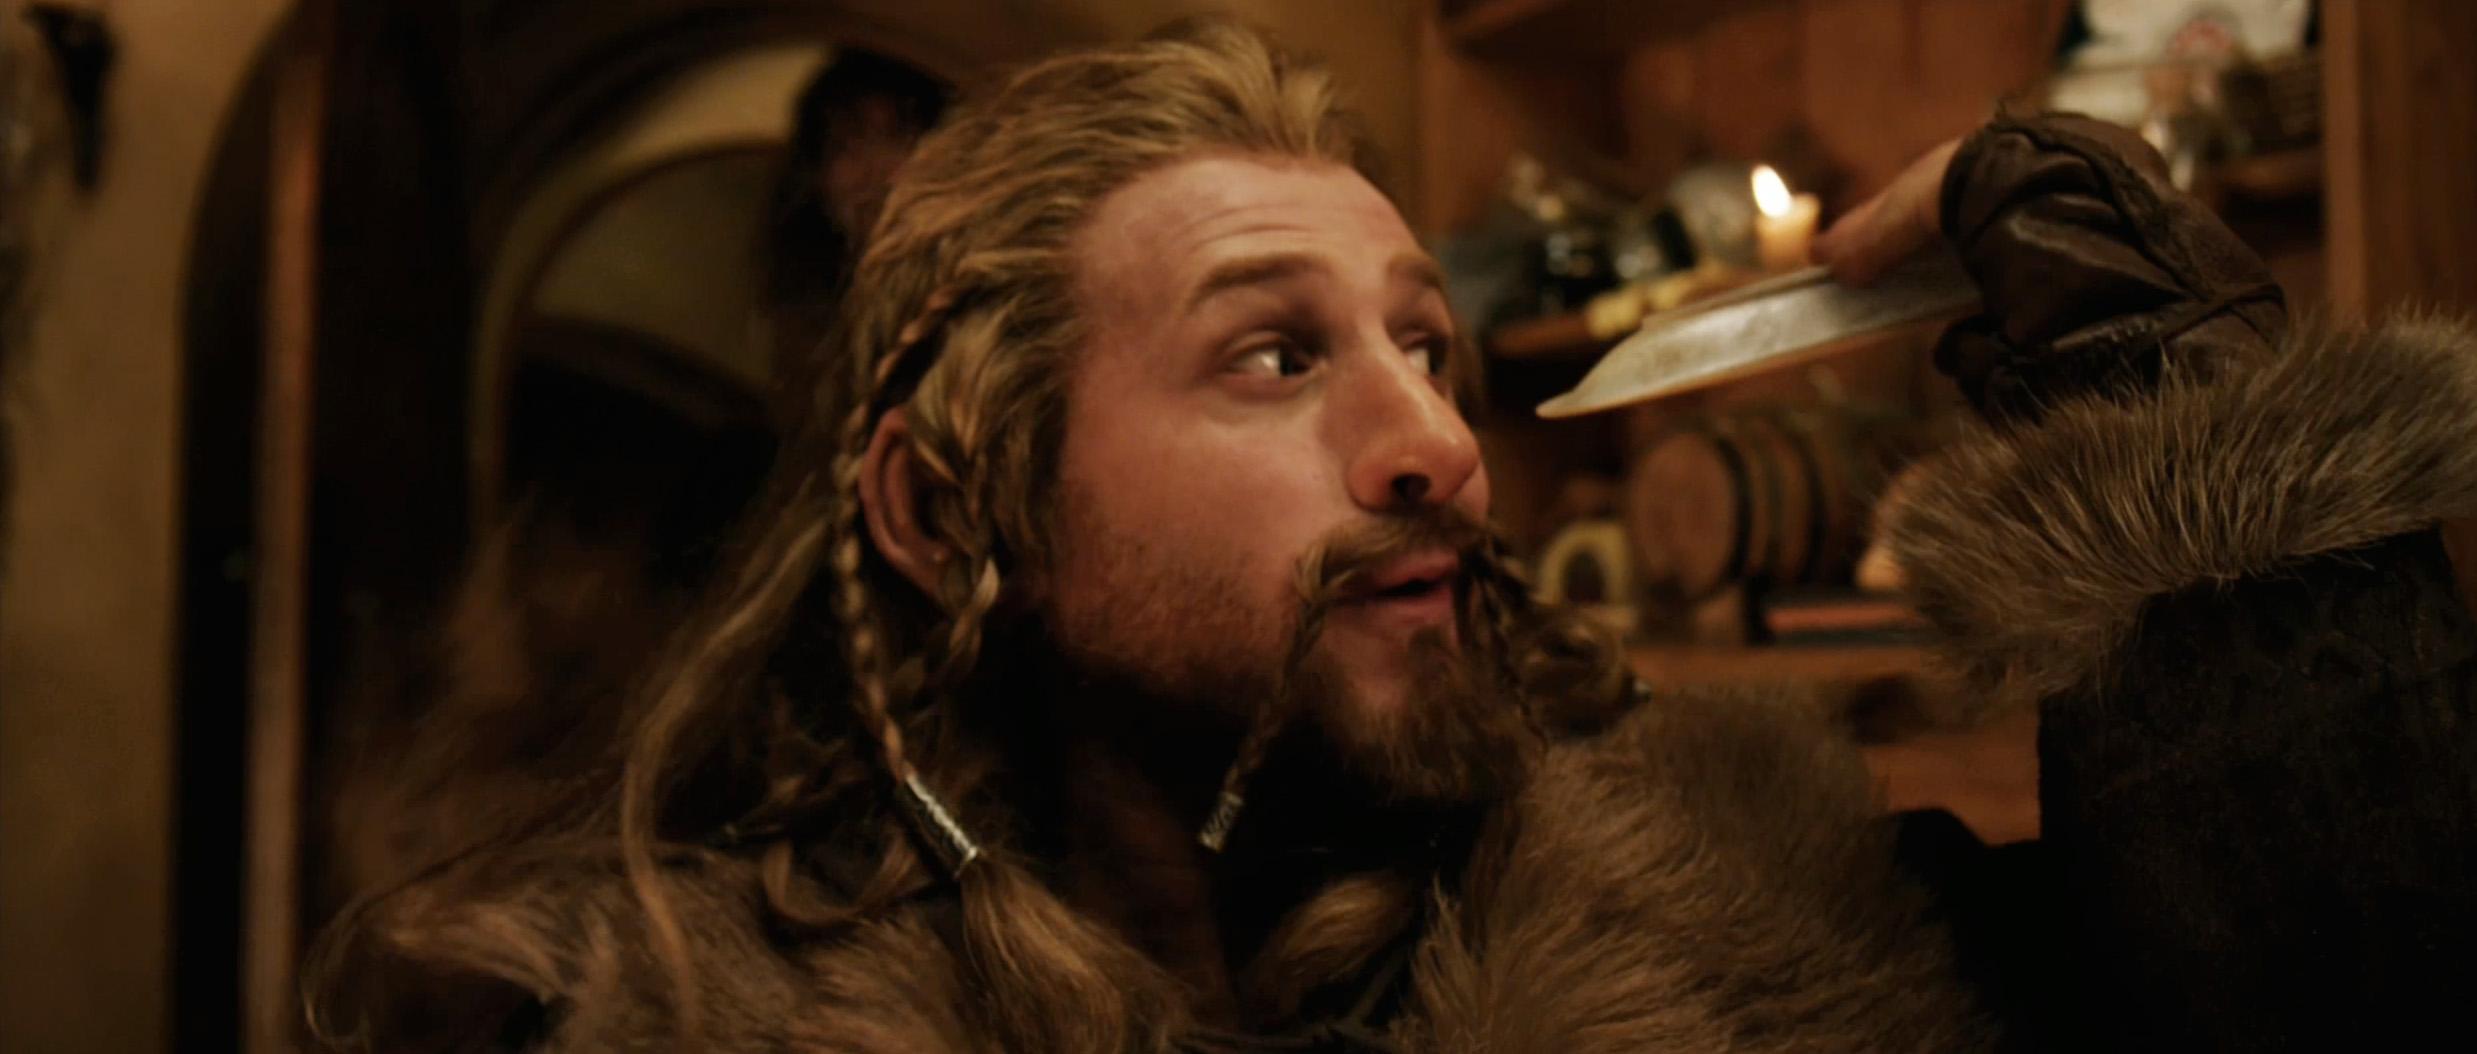 Lo Hobbit Un viaggio inaspettato così come i suoi seguiti ebbe una gestazione travagliata tanto che nel corso degli anni dovette superare molti ostacoli e cause